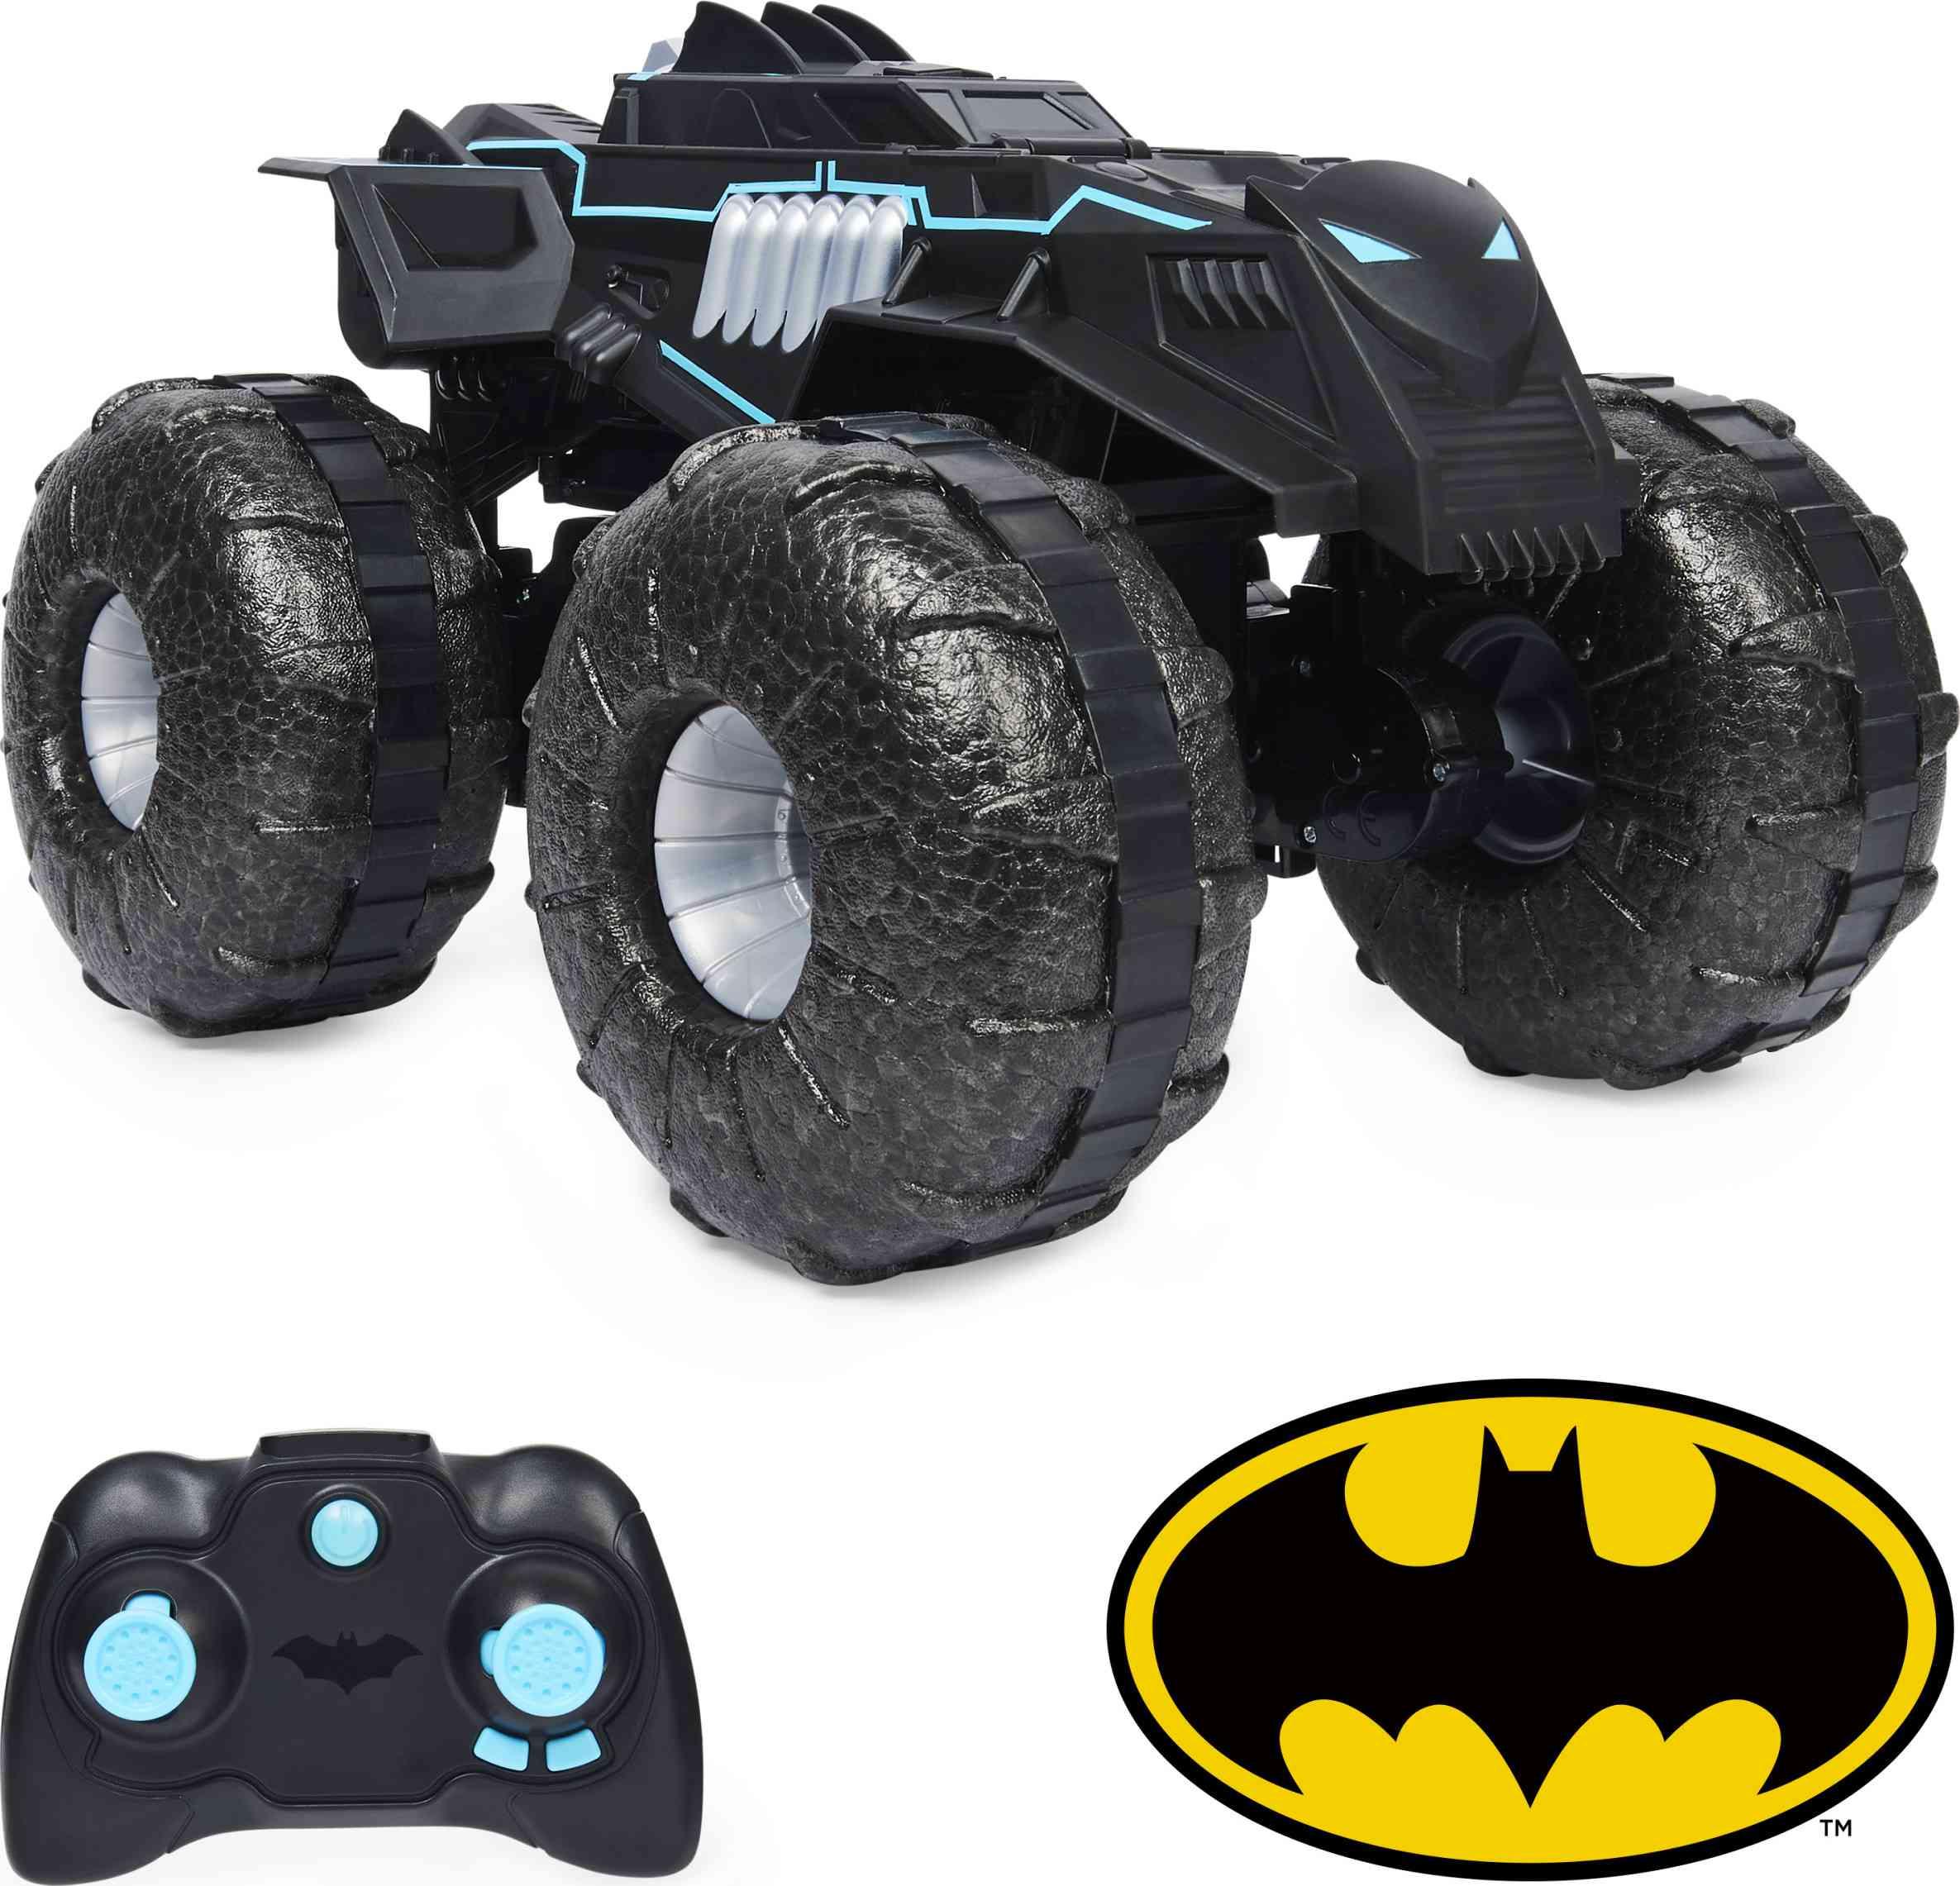 DC Comics Batman All-Terrain Batmobile Remote Control Vehicle